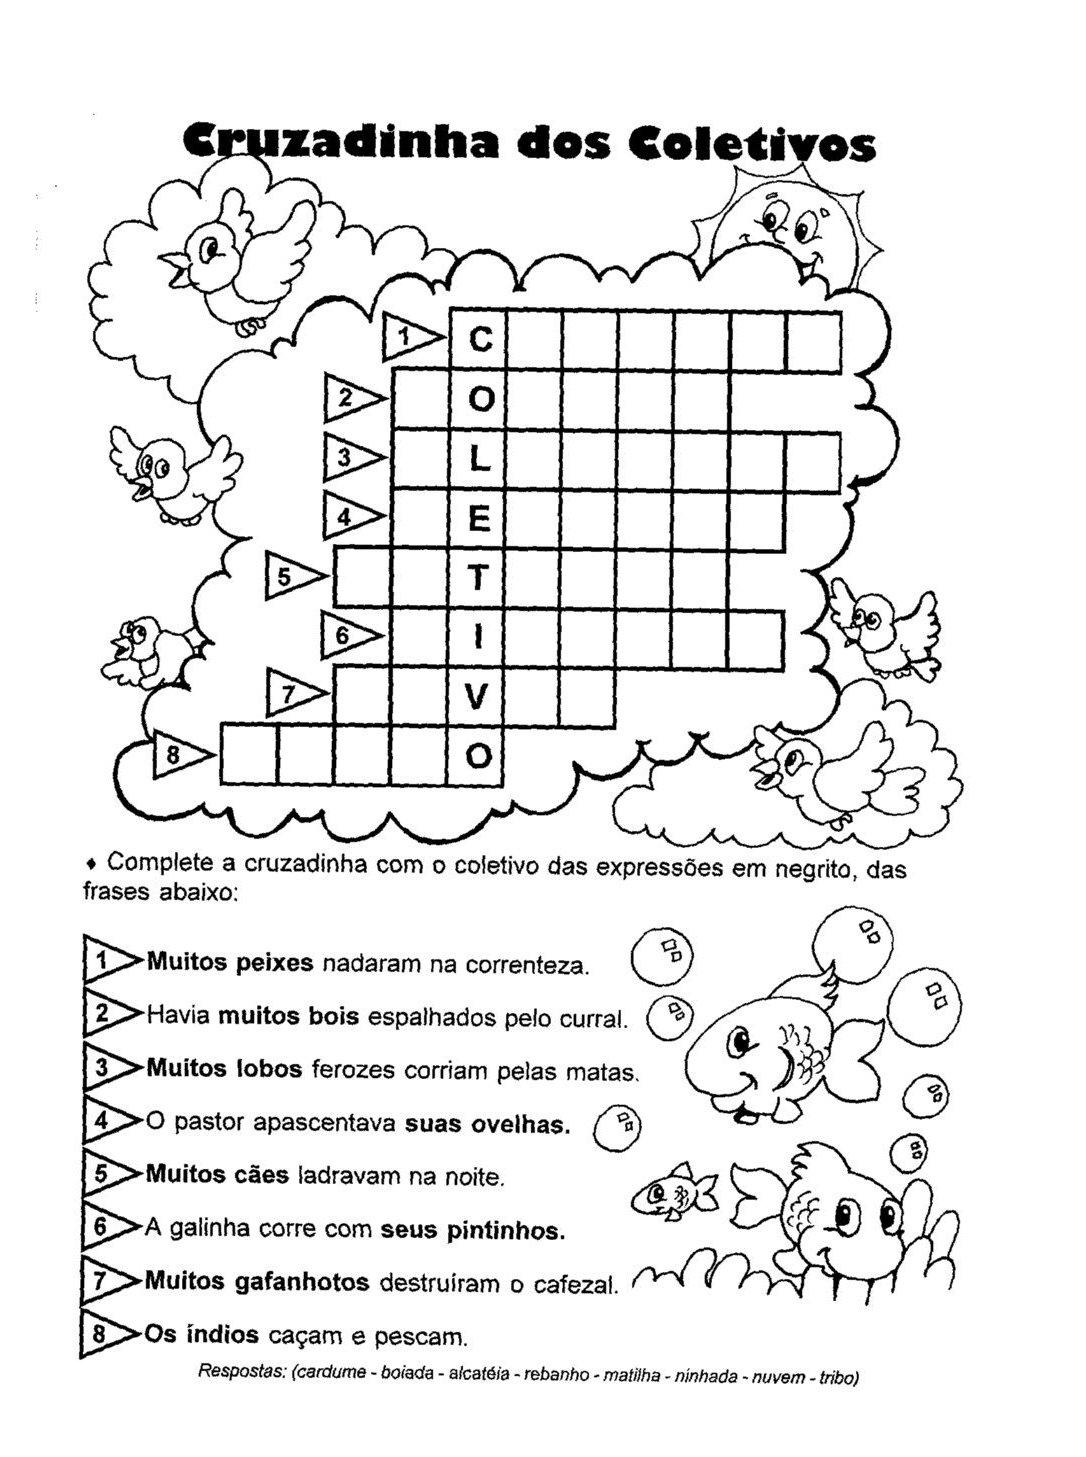 atividades+com+substantivos+coletivos+www.ensinar-aprender.blogspot.com011.jpg